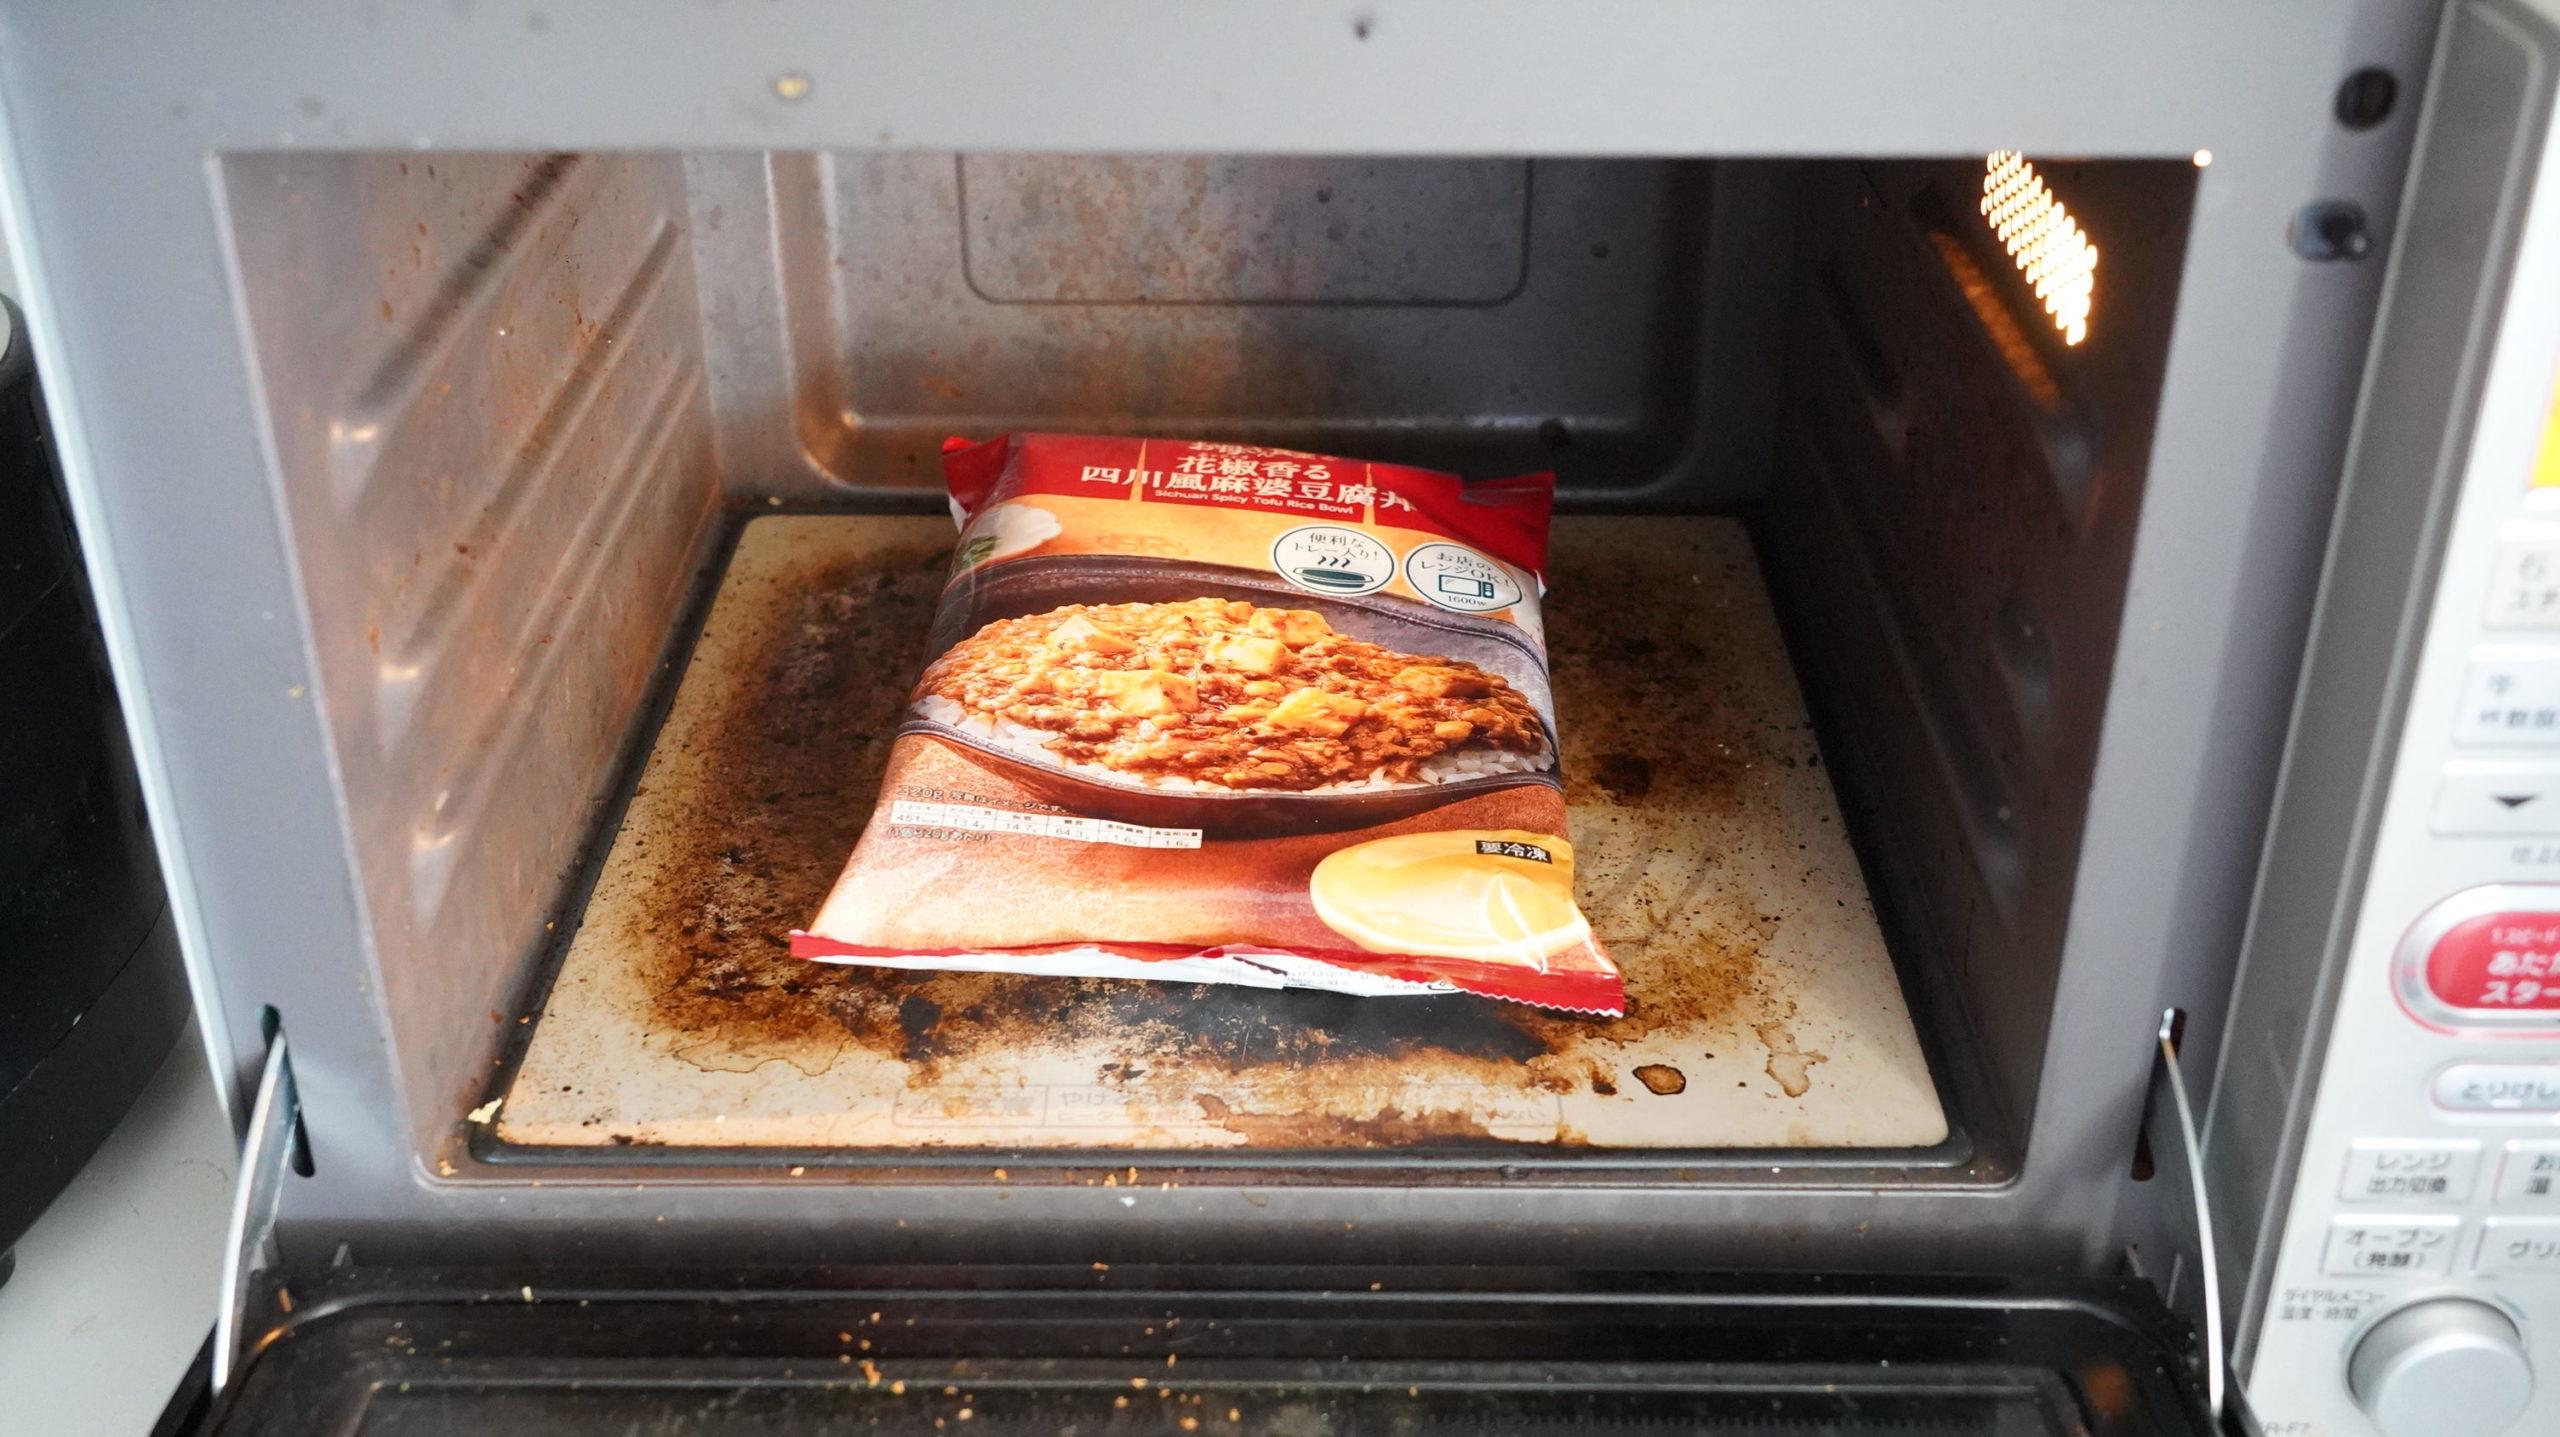 ファミリーマートの冷凍食品「花椒香る四川風麻婆豆腐丼」を電子レンジで加熱している写真